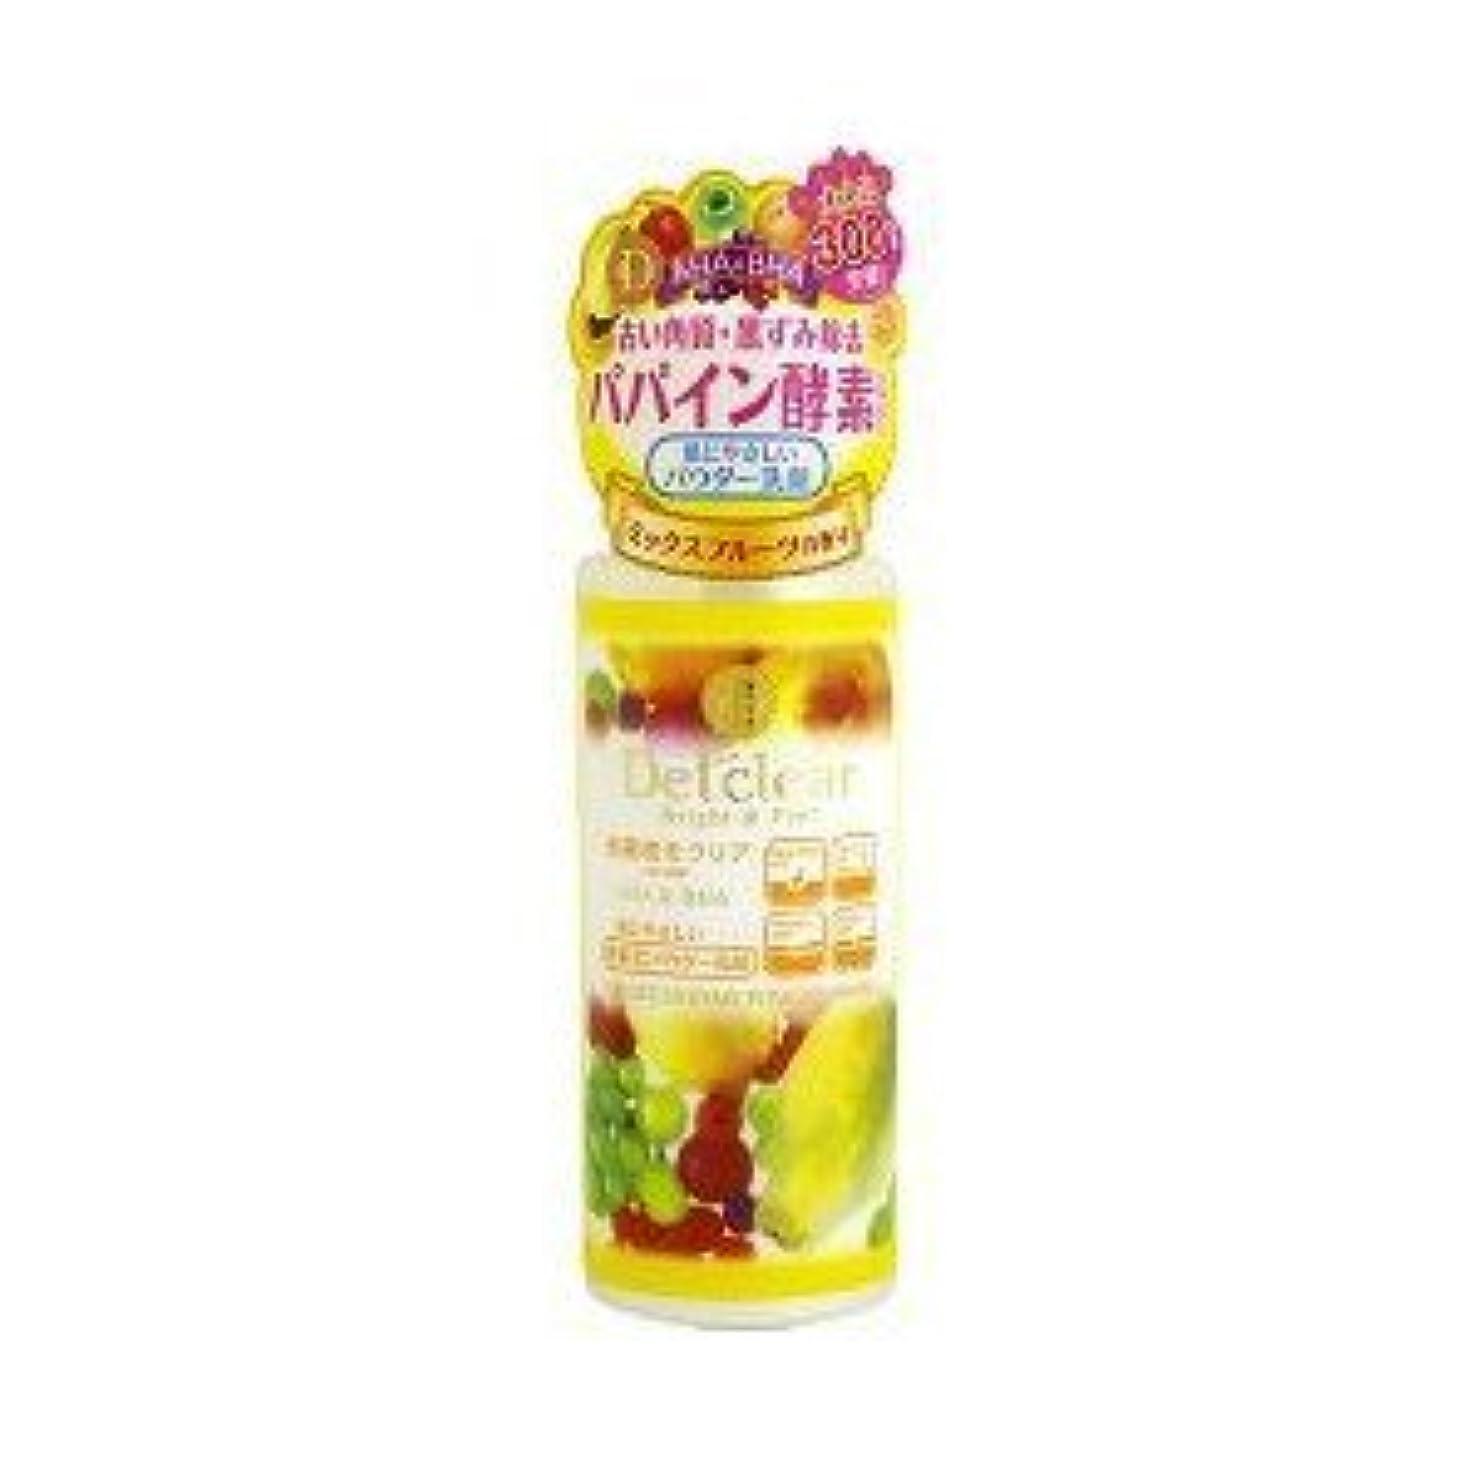 公平なバッチ甘い<お得な3本パック>DETクリア ブライト&ピール フルーツ酵素パウダーウォッシュ 75g お得な3本パック